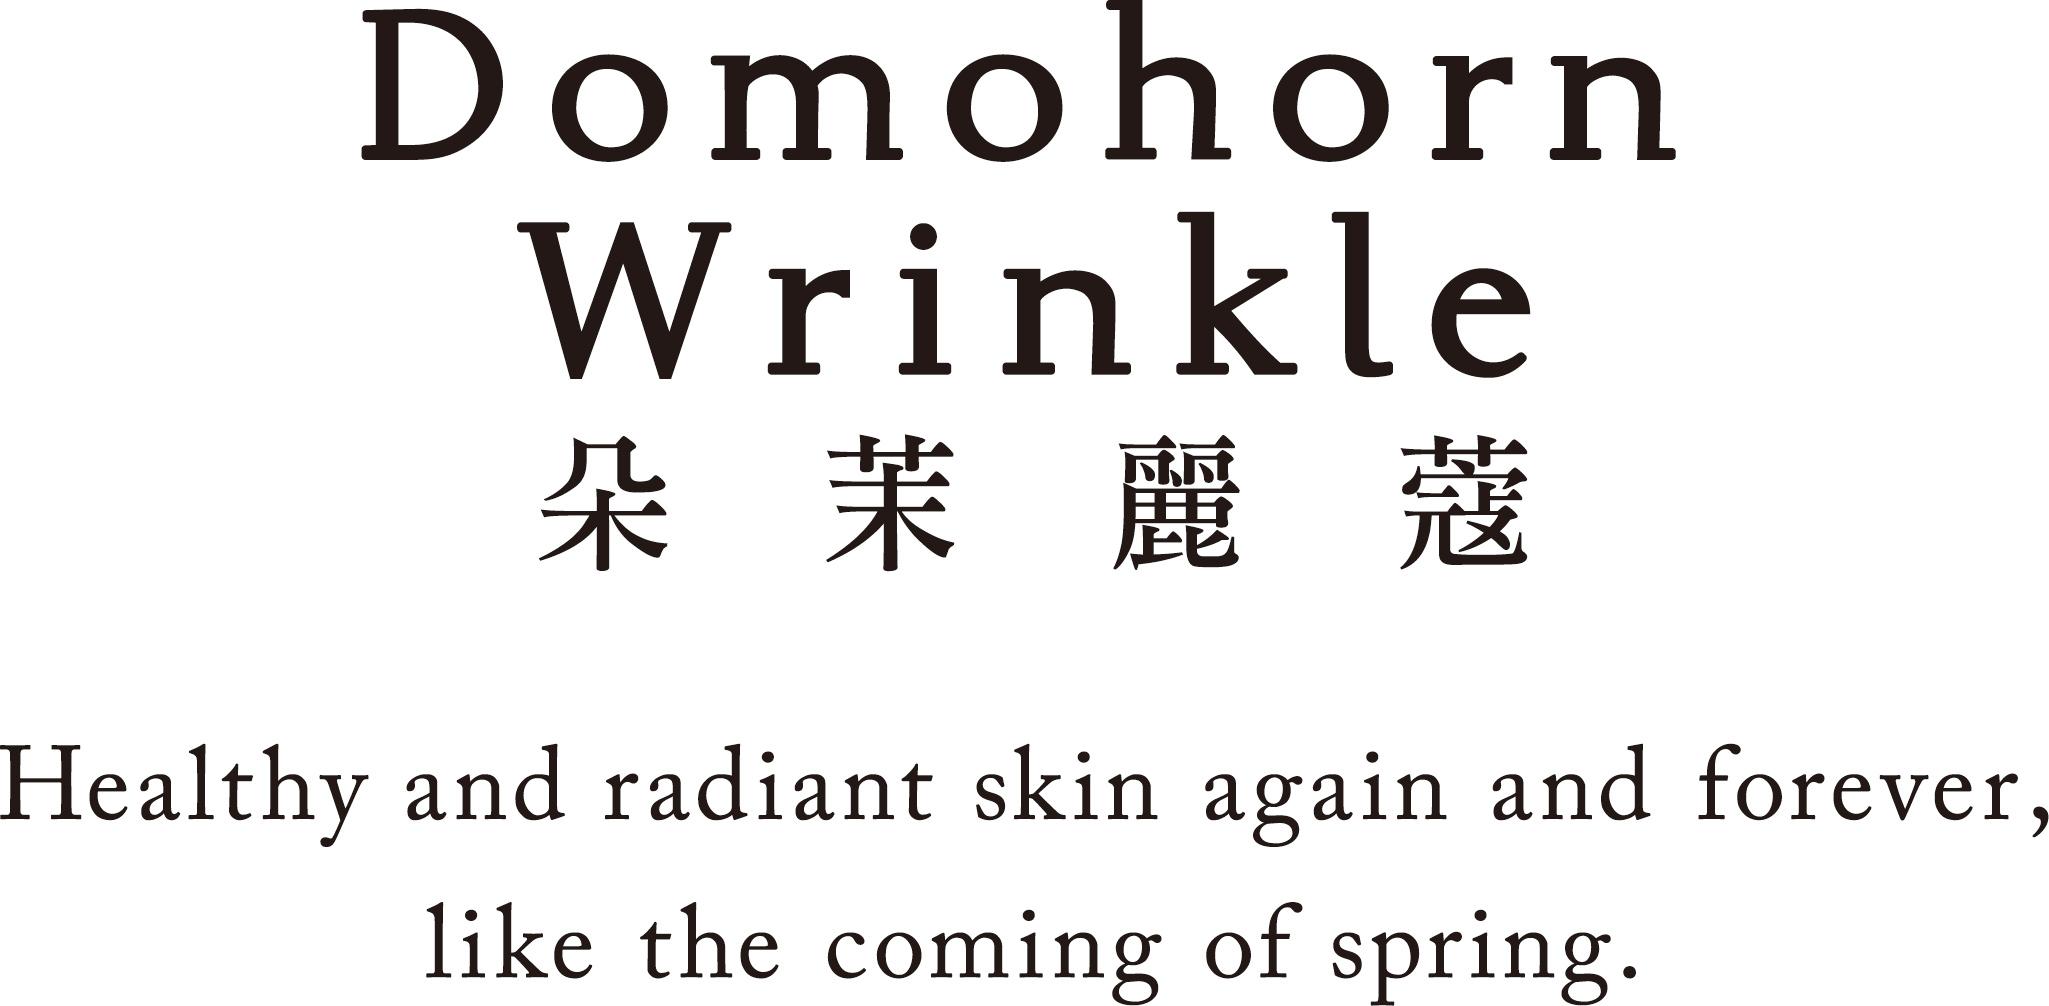 Domohorn Wrinkle 朵茉麗蔻